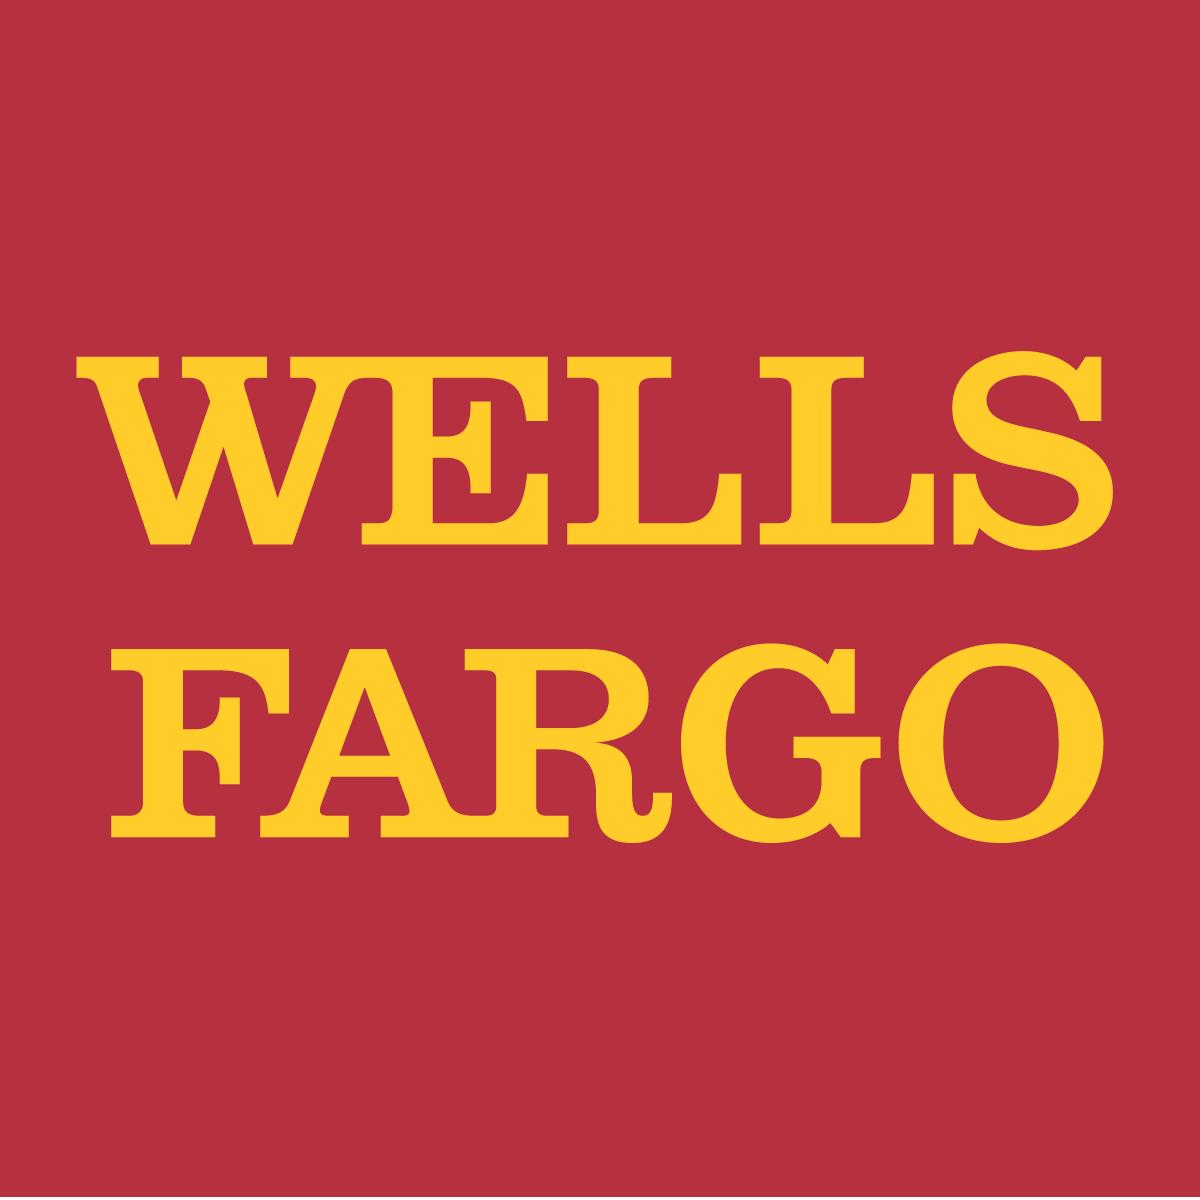 Principales bancos de Estados Unidos: Wells Fargo